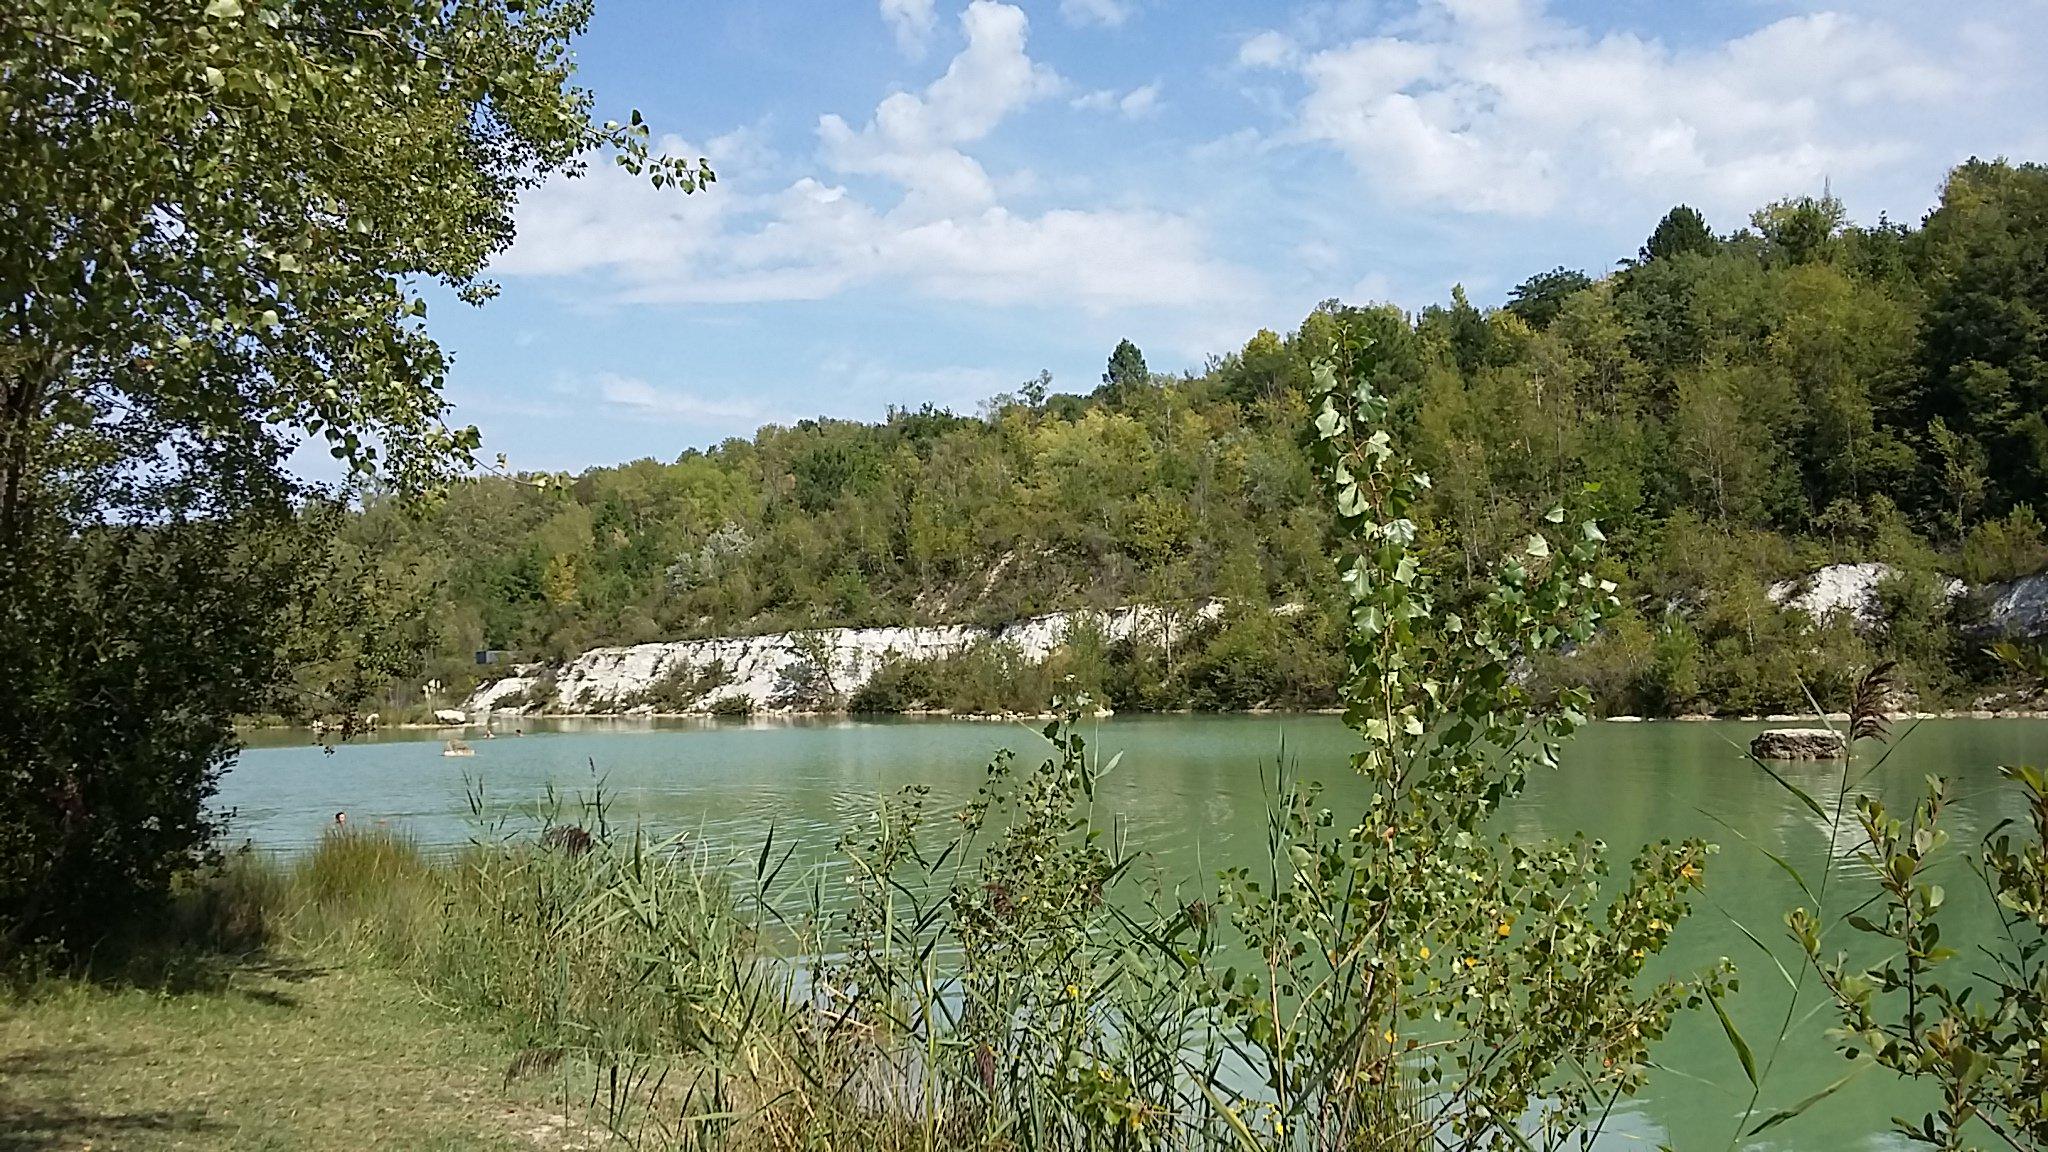 #idée #vendredi | Un #parc à découvrir ou à re-découvrir ! #lormont twitter.com/VilledeLormont…